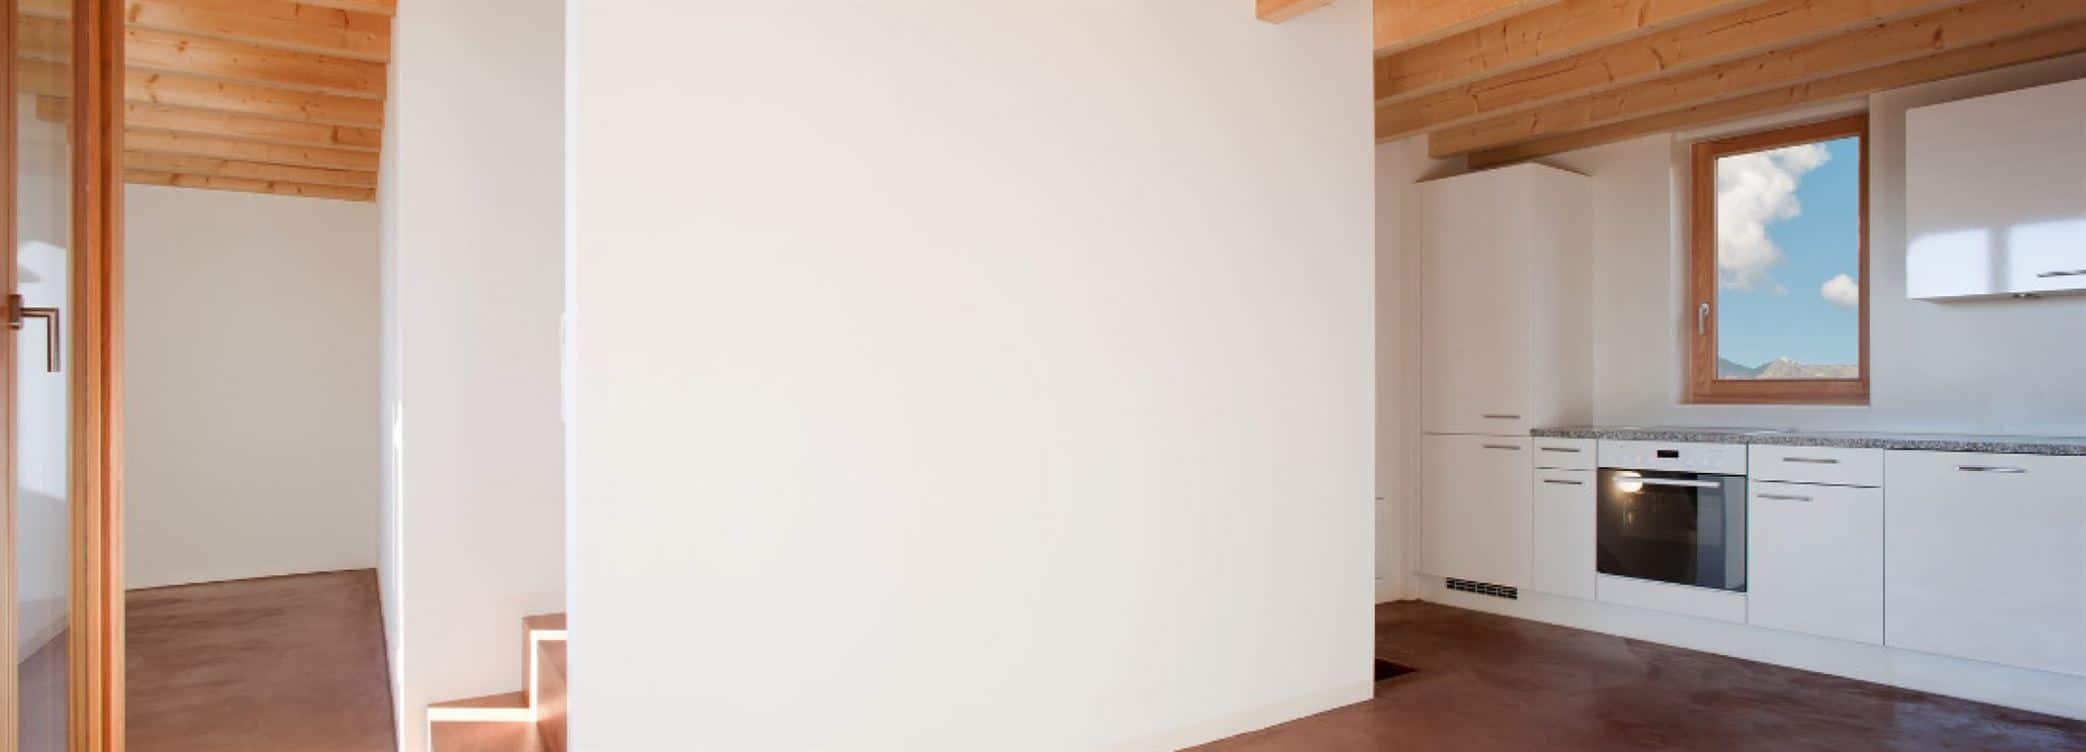 Increíble precio en tu reparación de pladur en Burujón